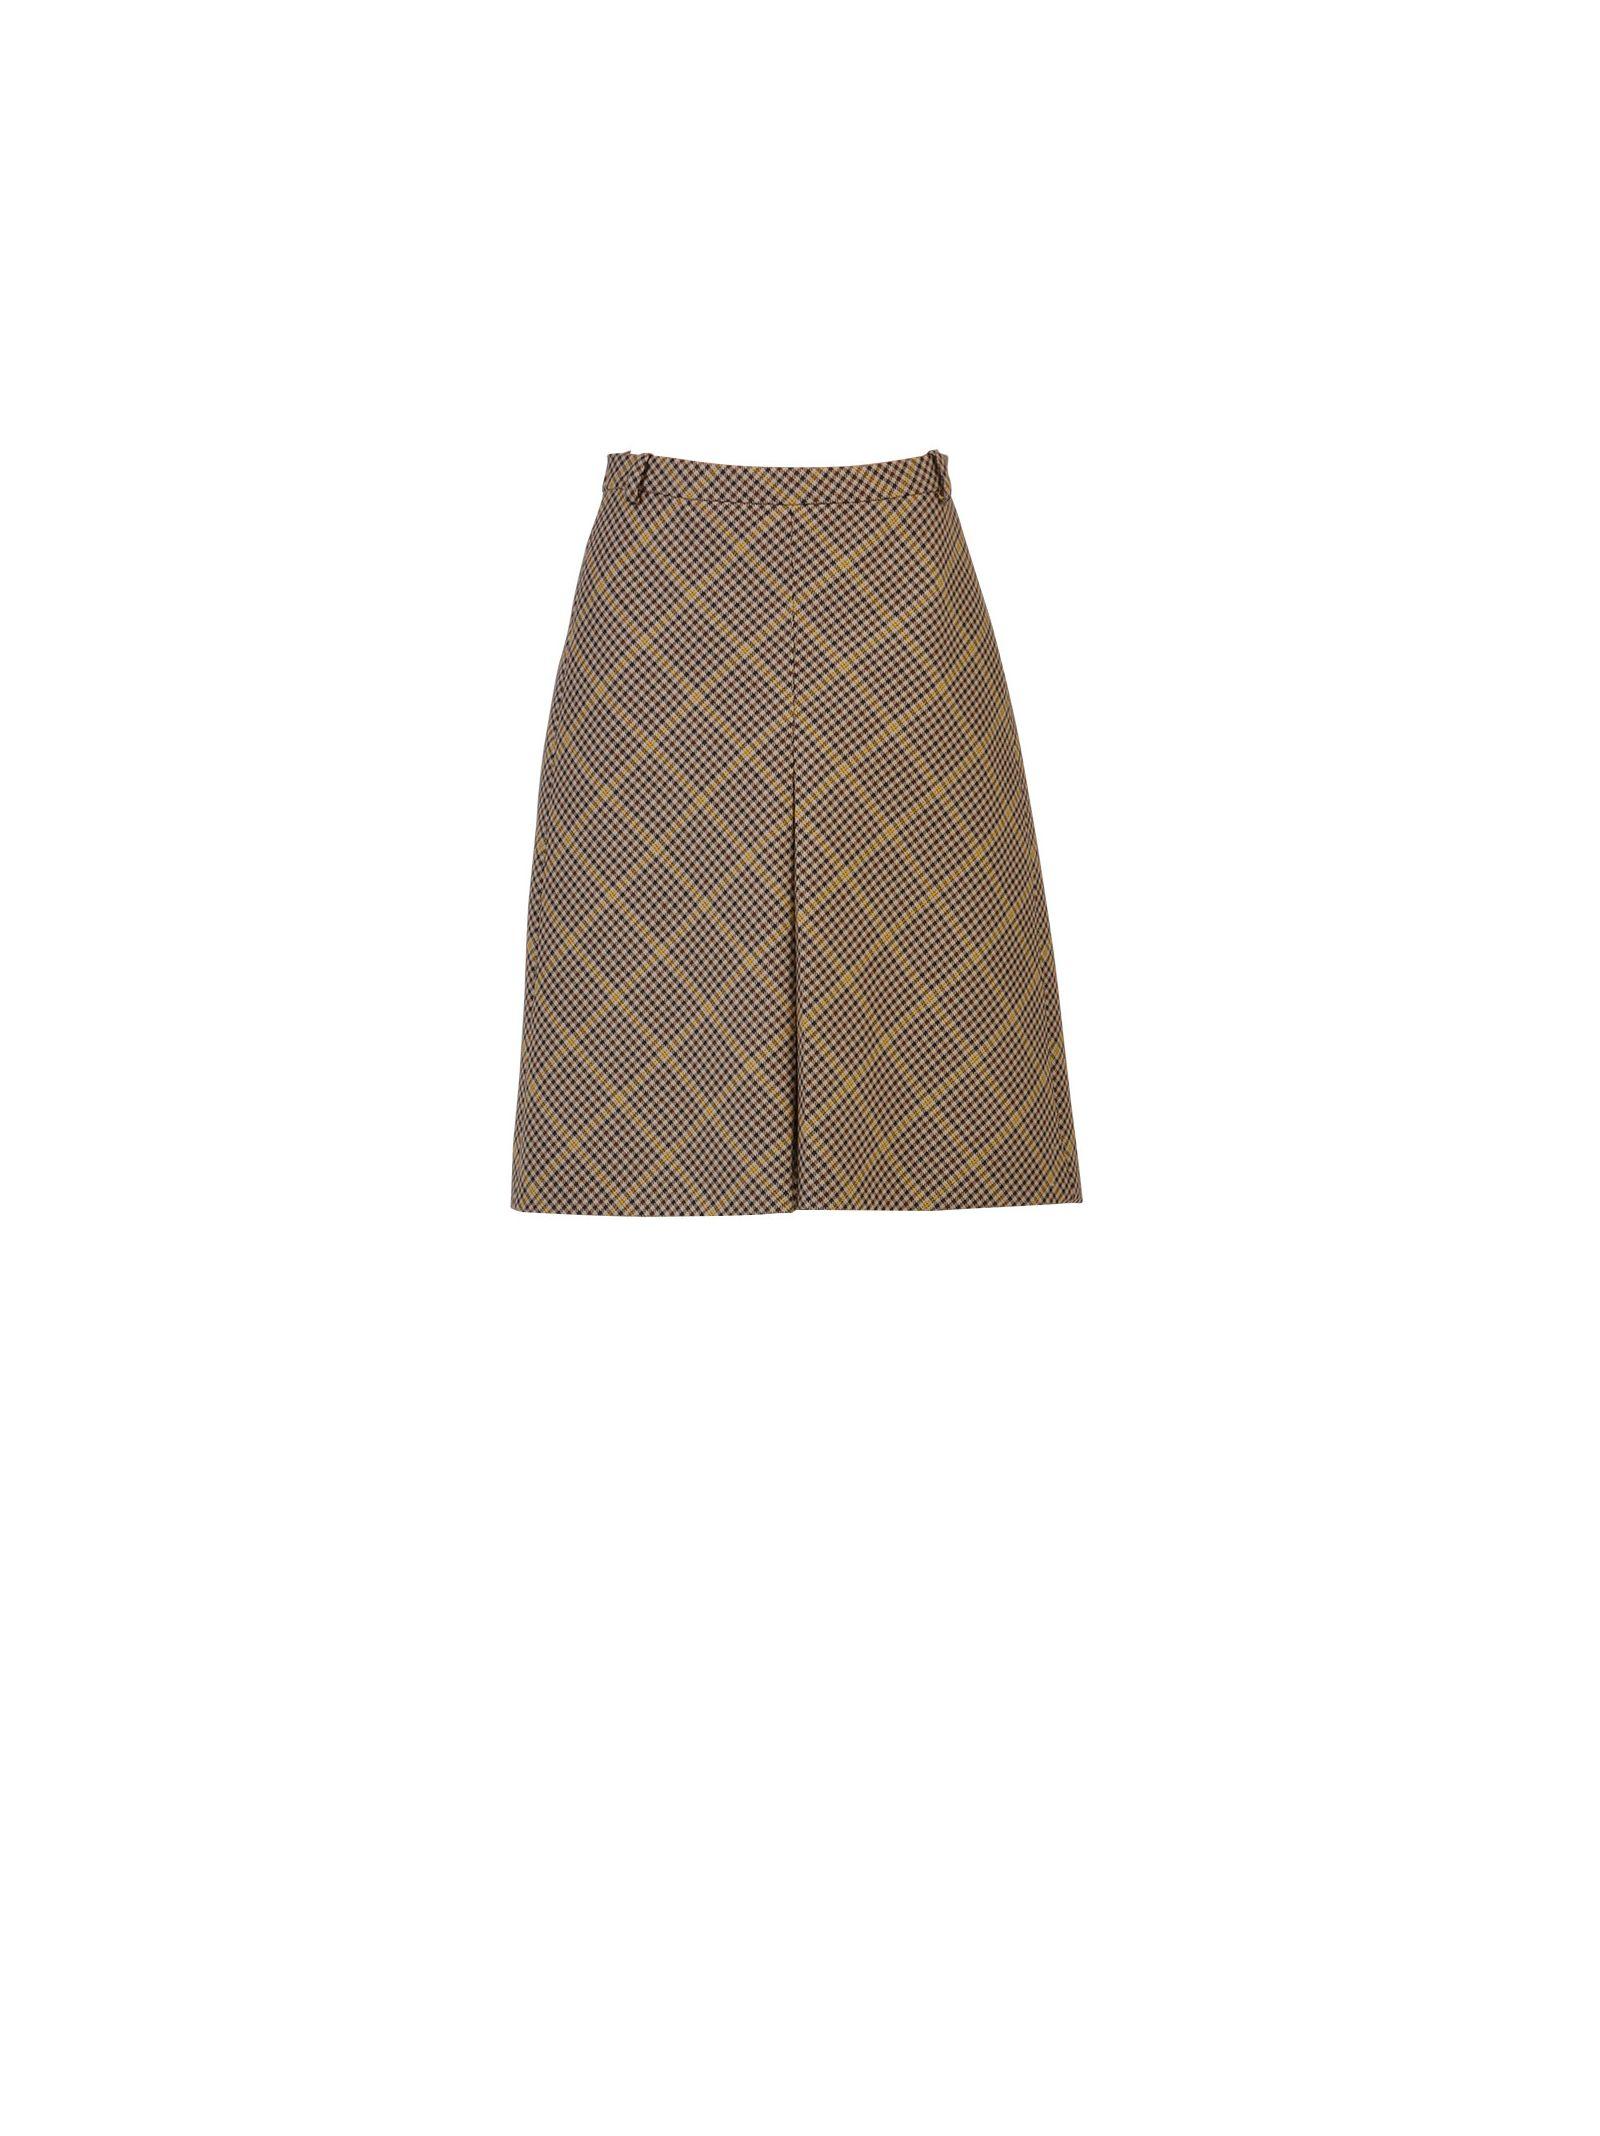 Balenciaga Check Skirt - Balenciaga - Axa 3